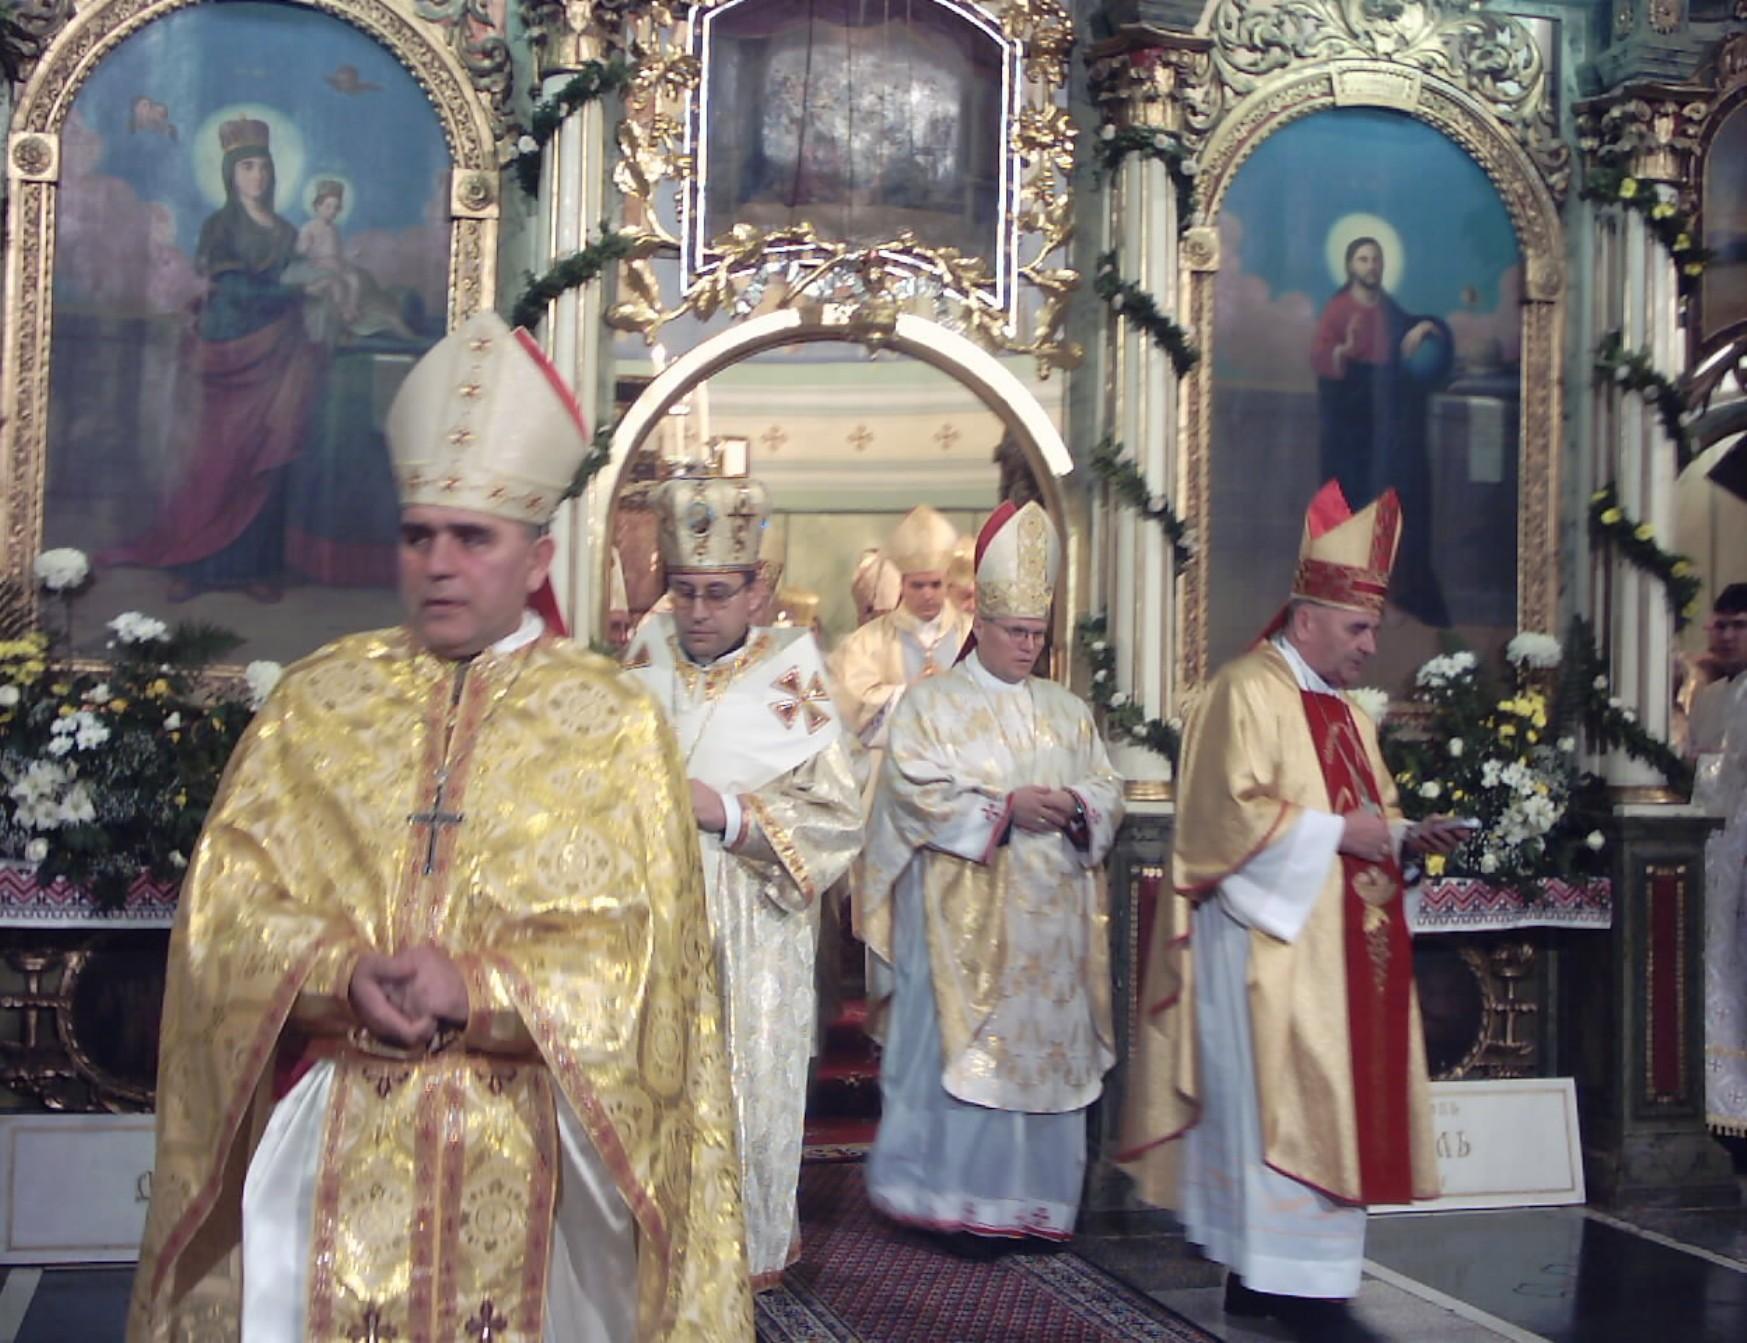 Biskupima latinskog obreda na zagrebačkom području dopušteno je na liturgijama nositi istočno ruho